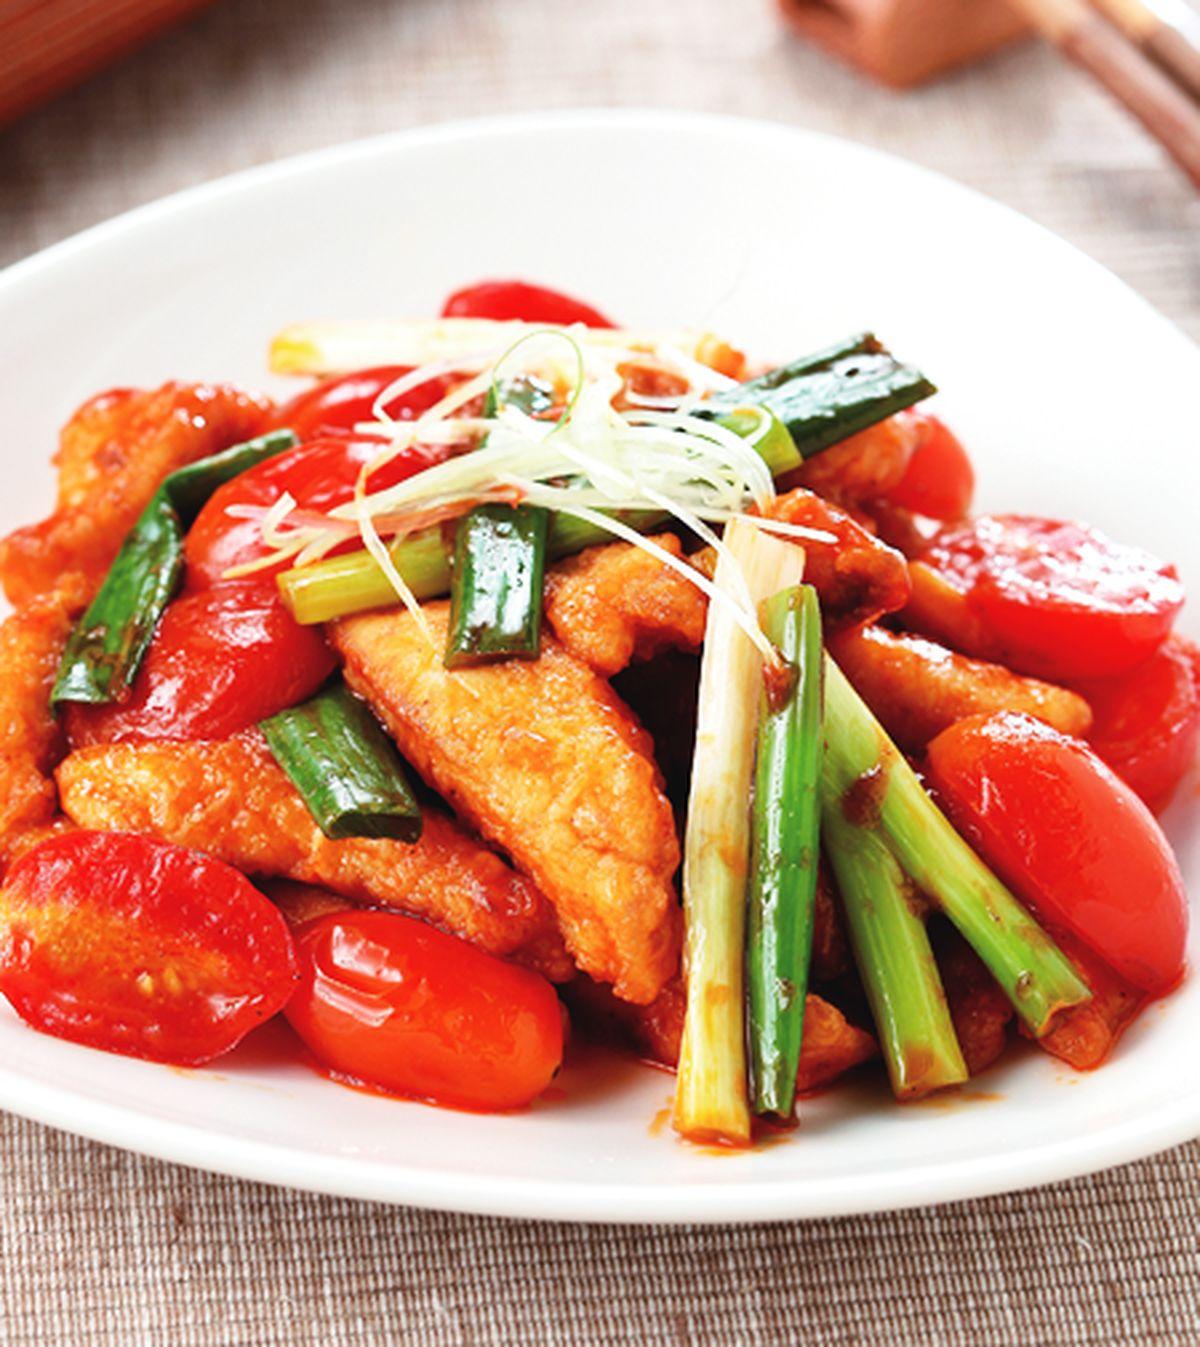 食譜:糖醋魚條